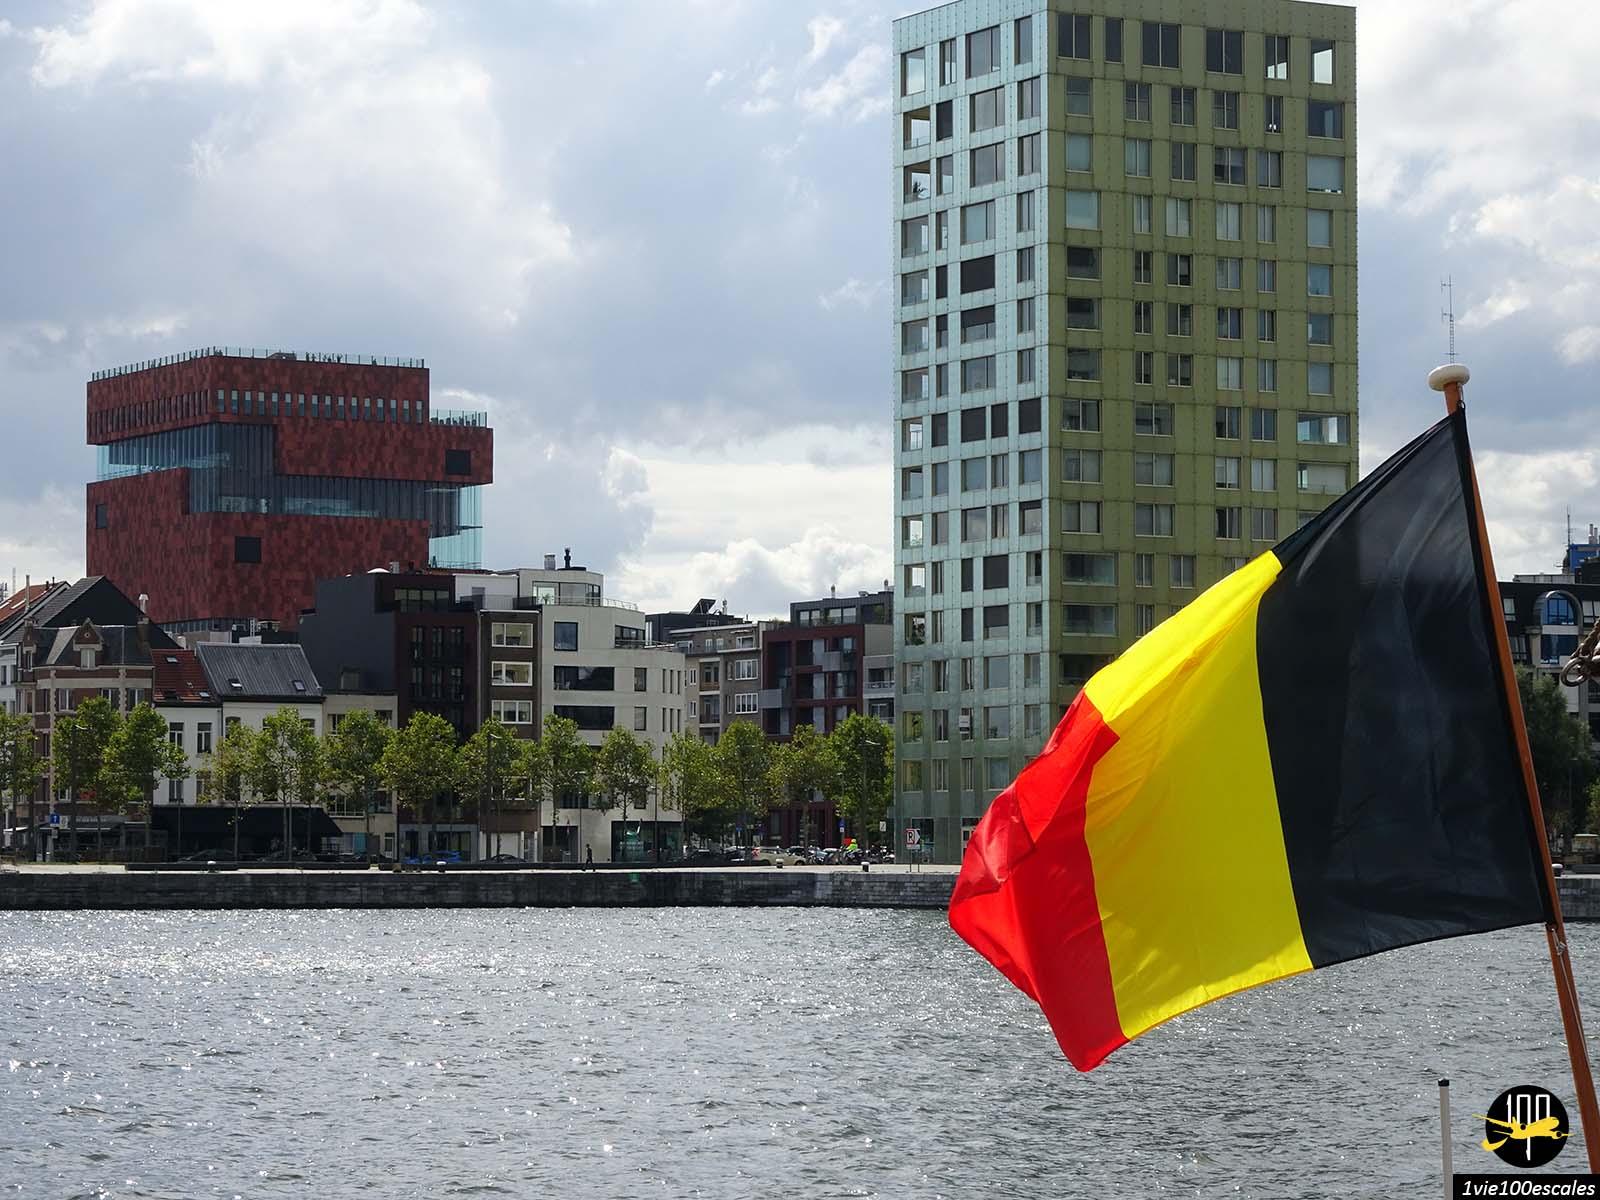 Les nouveaux immeubles designs et colorés du port d'Anvers